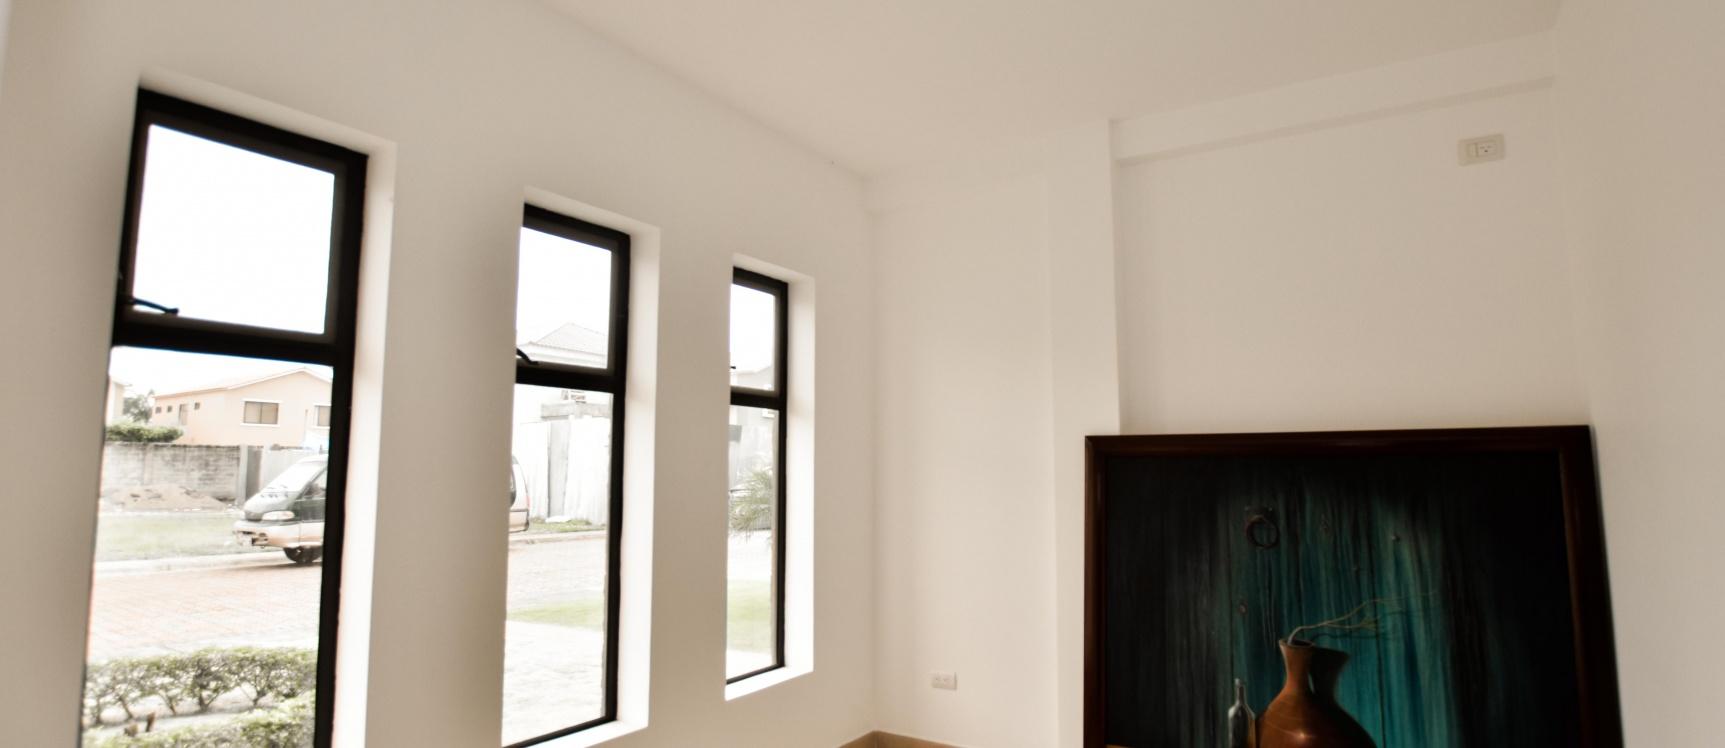 GeoBienes - Casa en venta ubicada en Ciudad Celeste - Plusvalia Guayaquil Casas de venta y alquiler Inmobiliaria Ecuador